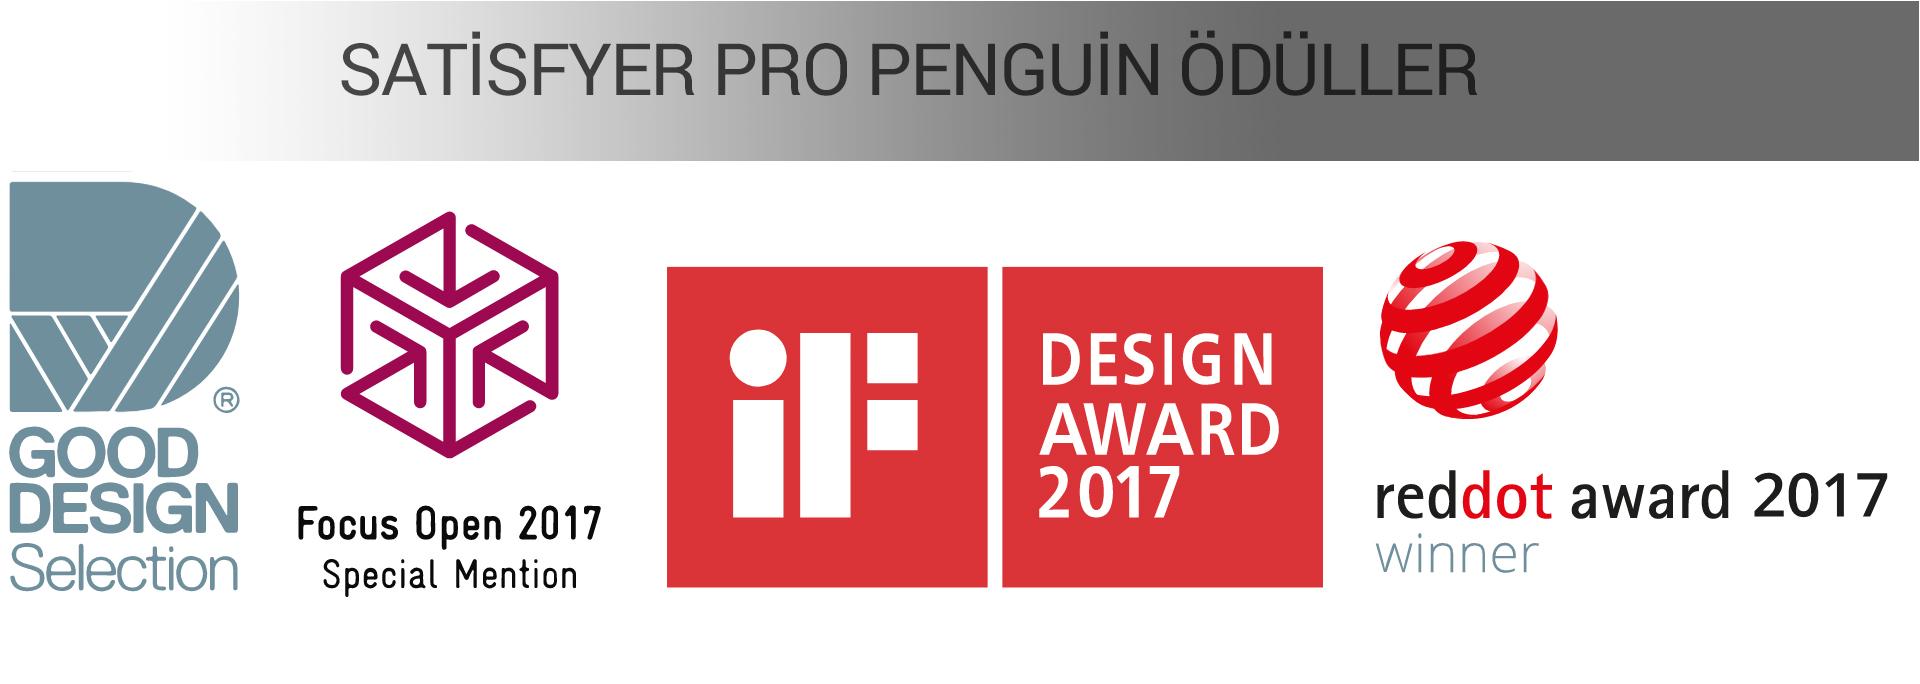 Satisfyer Pro Penguin Next Generation